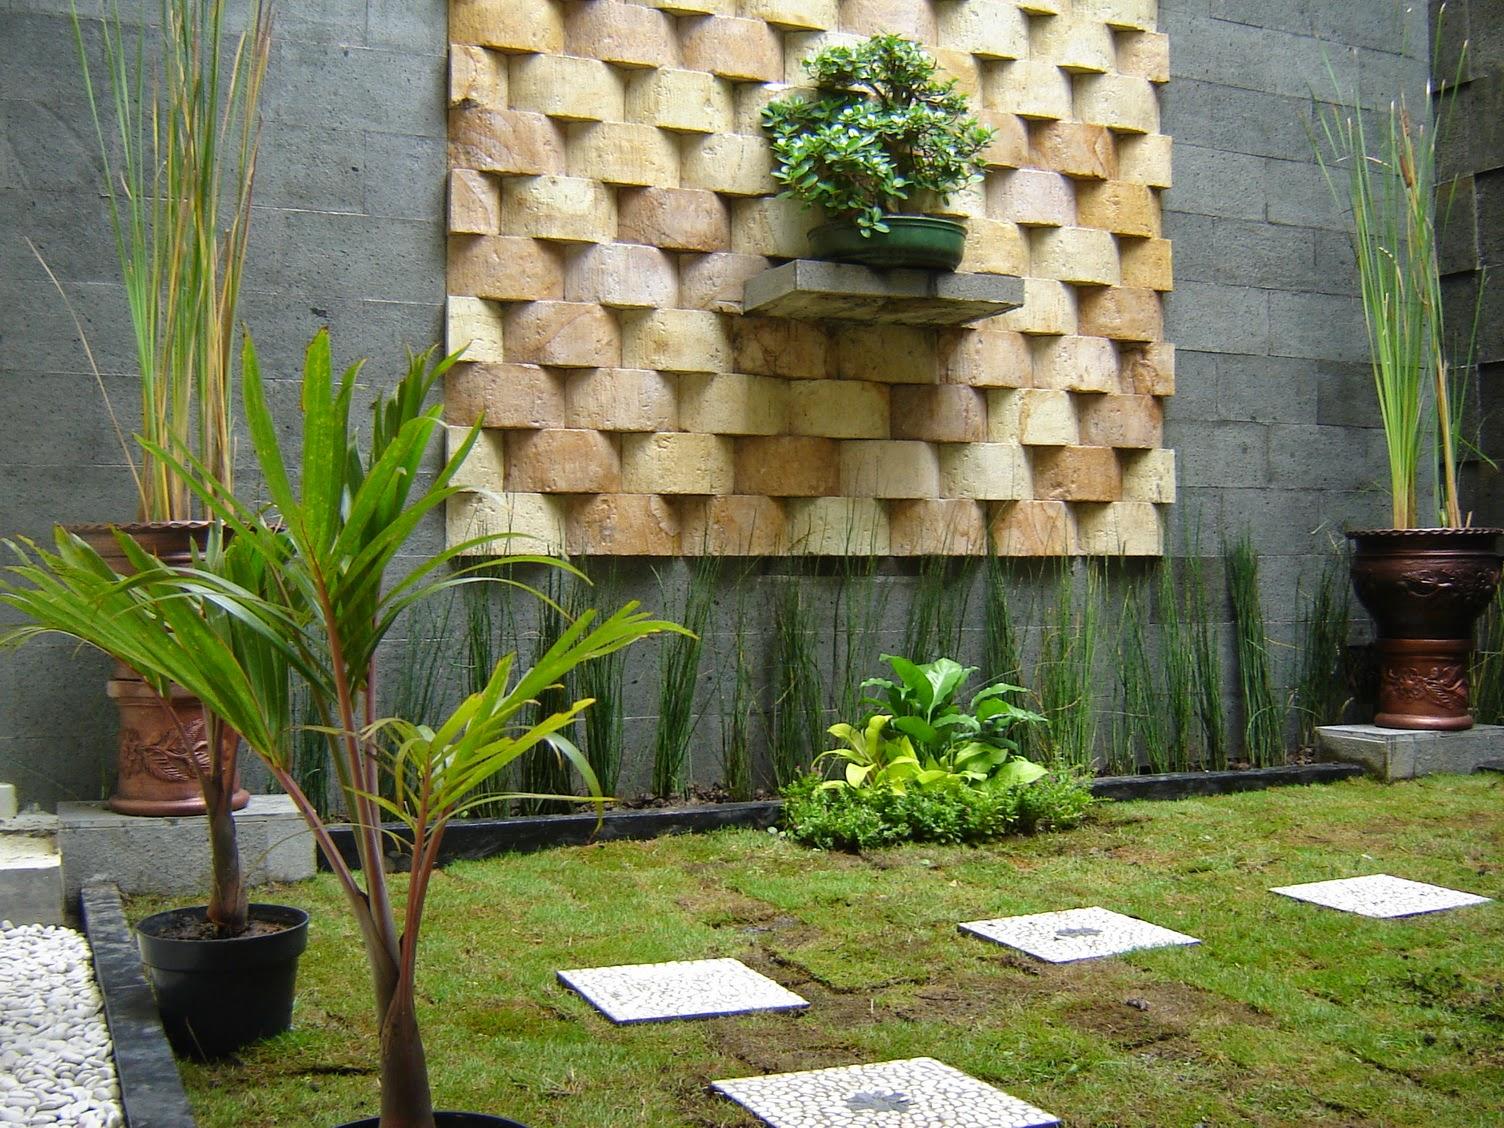 76 Desain Taman Minimalis Batu Alam Gratis Terbaik